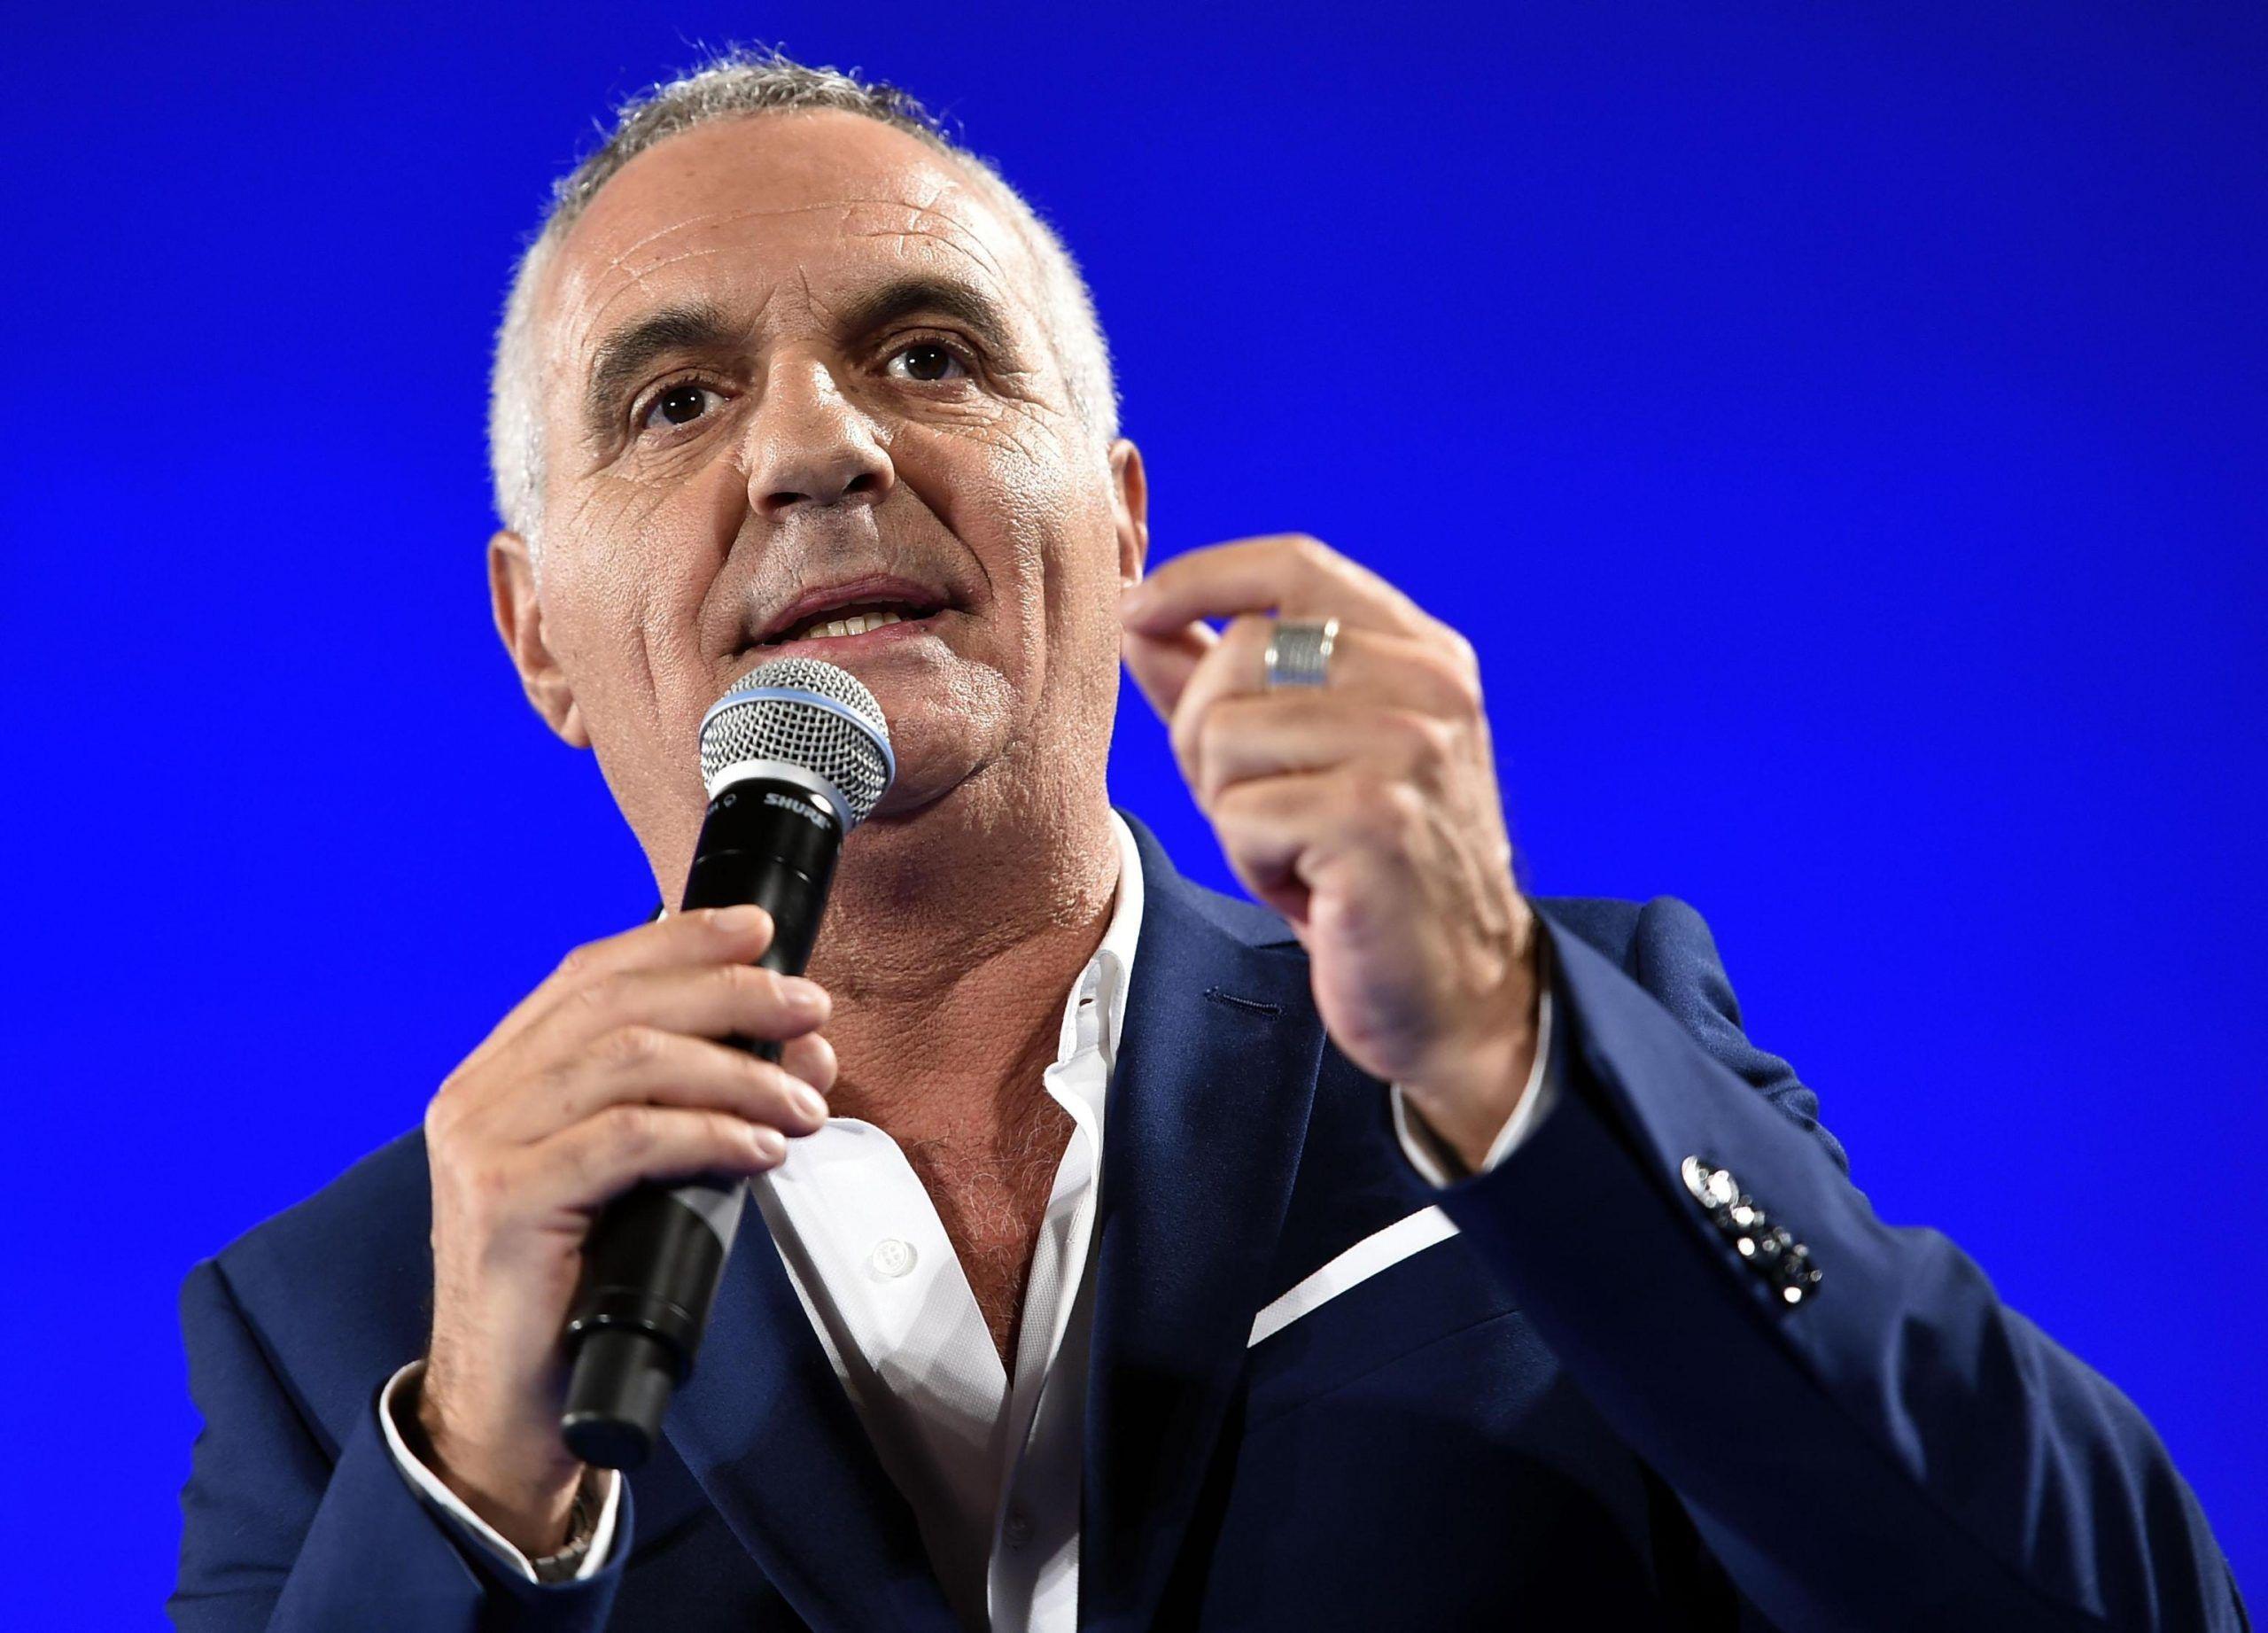 Giorgio Panariello fidanzato